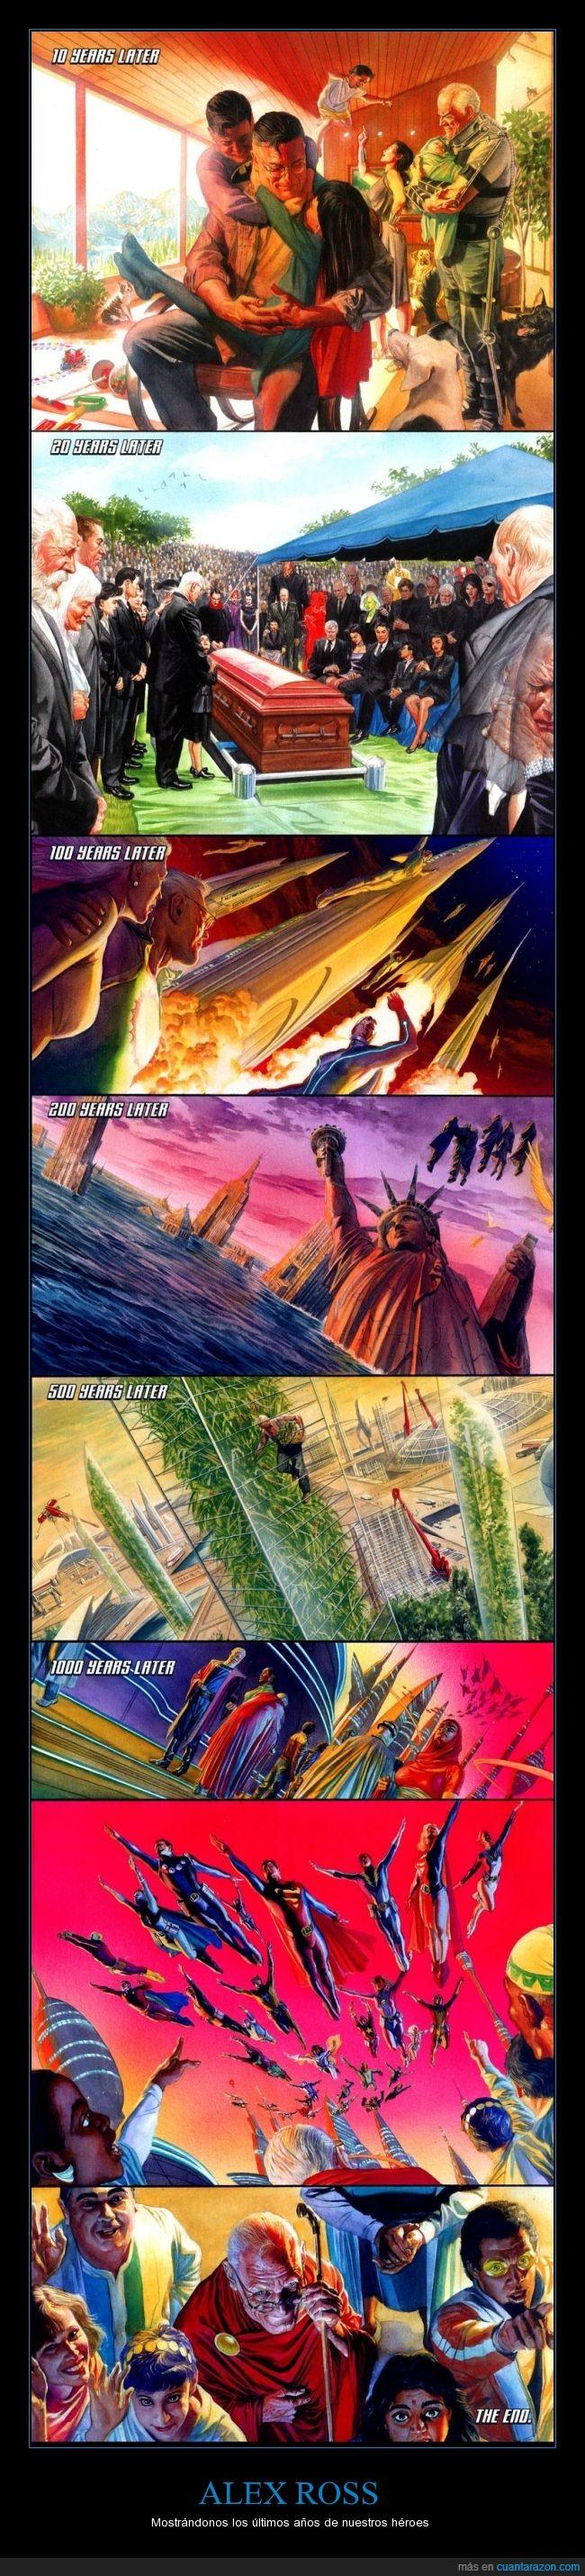 alex ross,artista,Batman,comic,familia,funeral,futuro,mujer maravilla,Superman